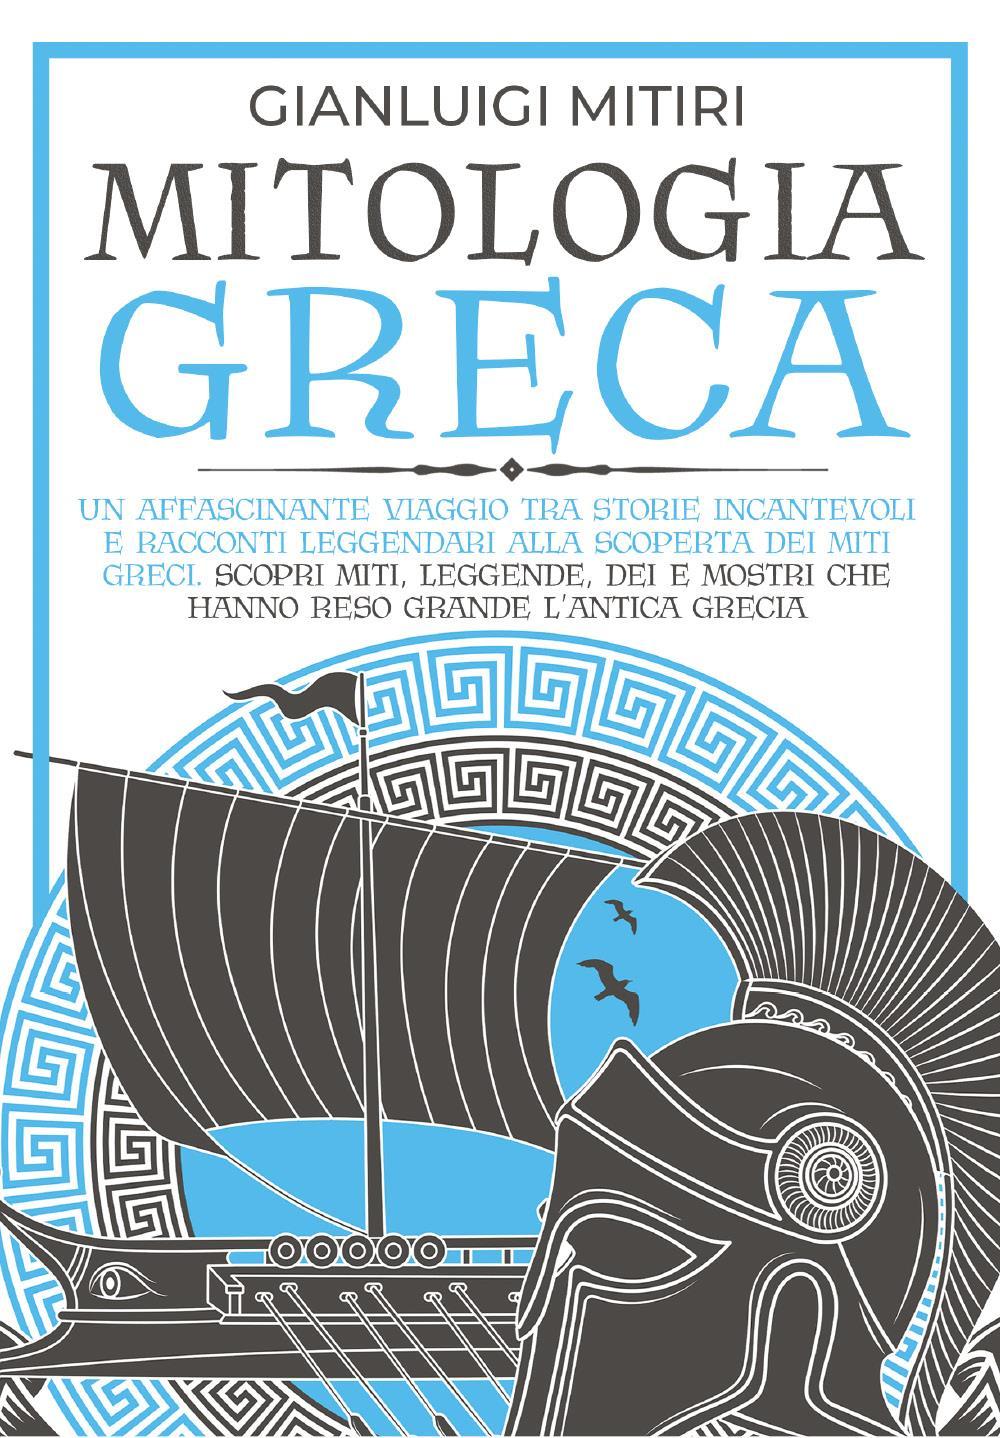 MITOLOGIA GRECA; Un Affascinante Viaggio tra Storie Incantevoli e Racconti Leggendari alla Scoperta dei Miti Greci. Scopri Miti, Leggende, Dei e Mostri che hanno Reso Grande l'Antica Grecia